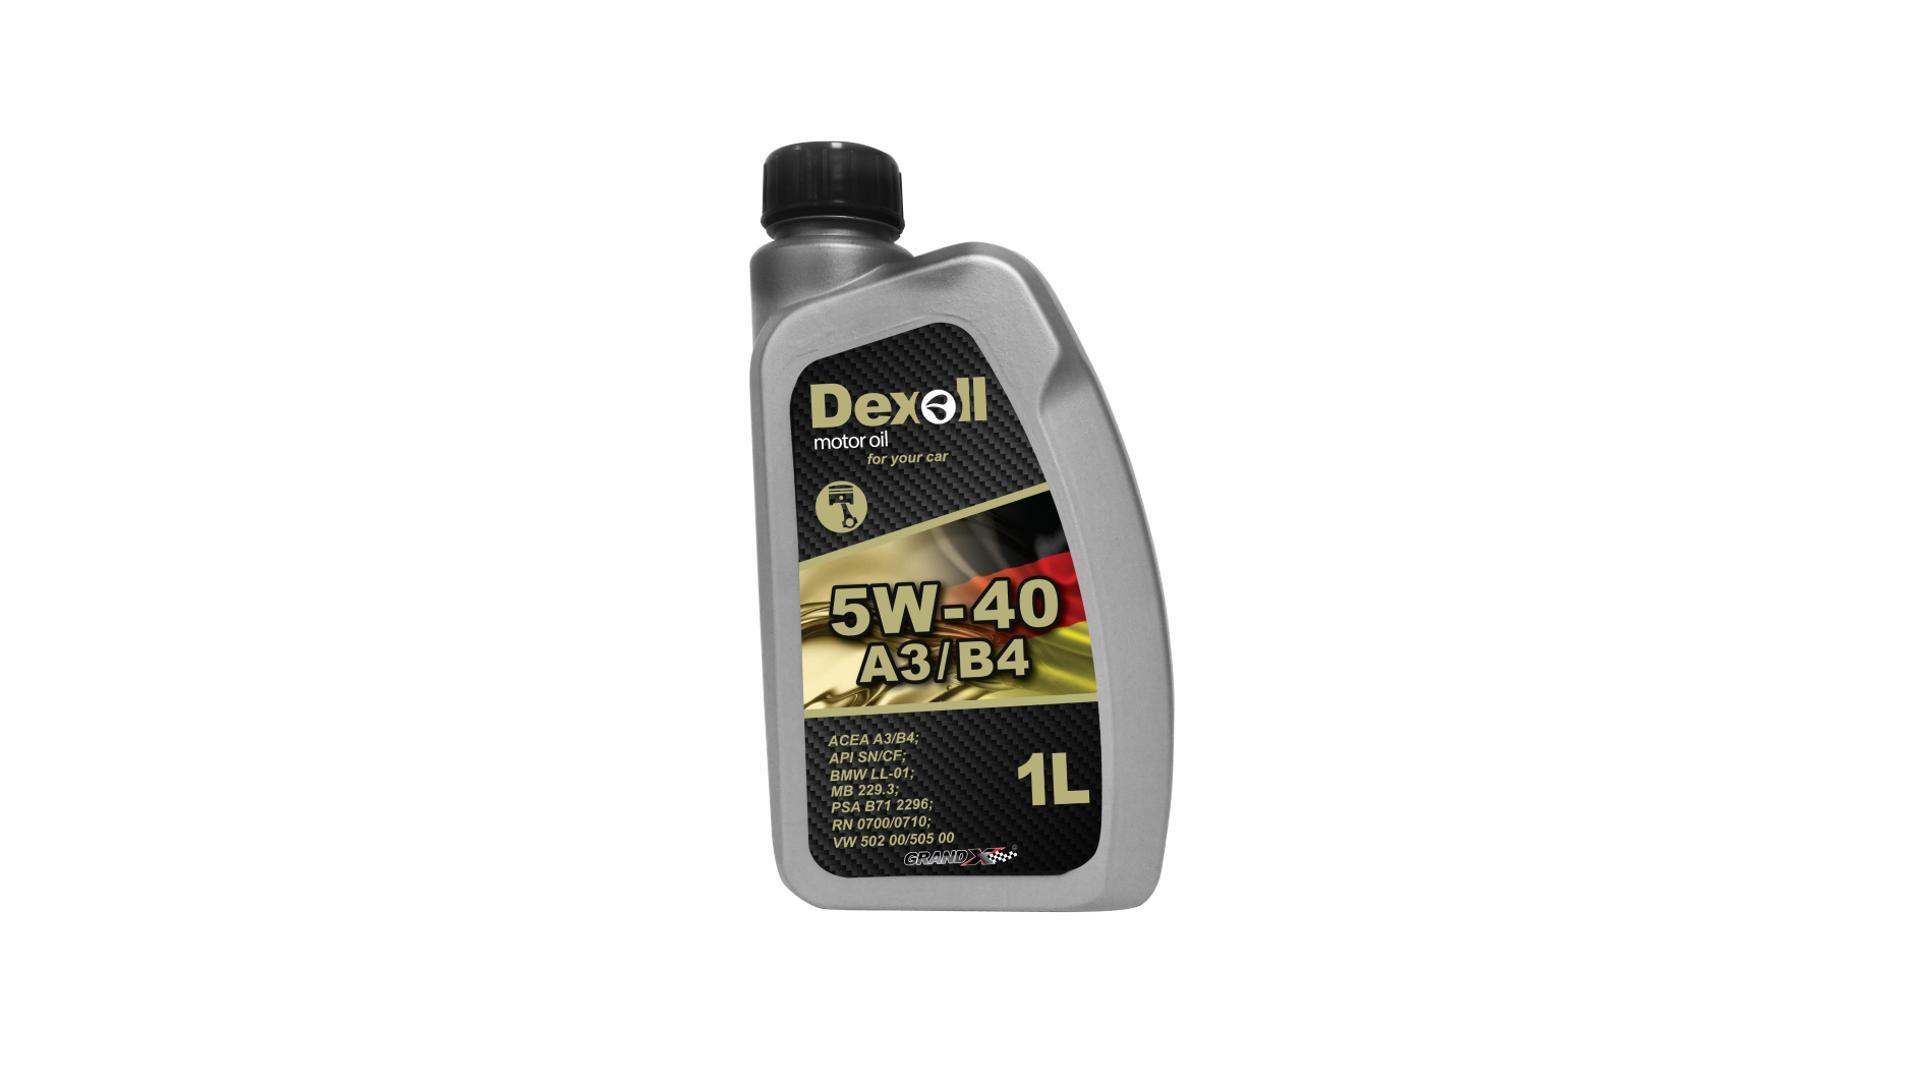 DEXOLL 5W-40 A3/B4 1L